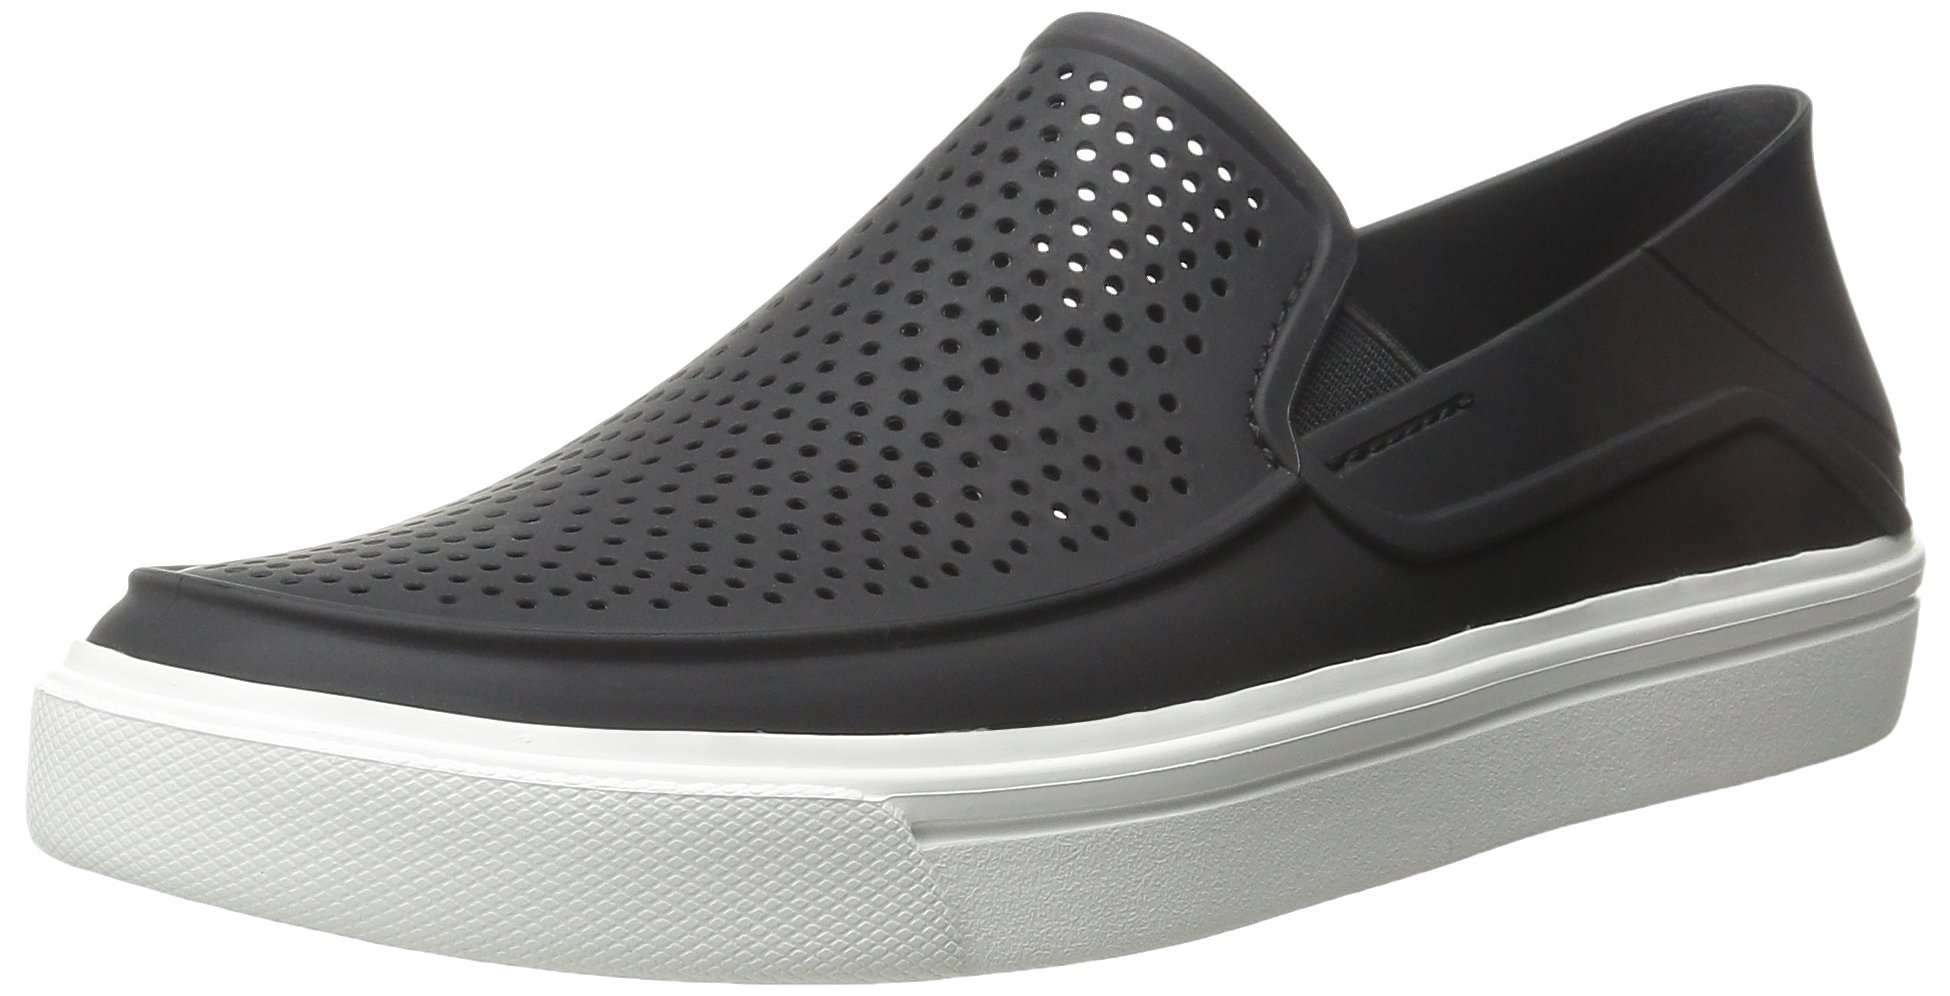 crocs Men's Citilane Roka Slip-On M Flat, Black/White, 9 M US